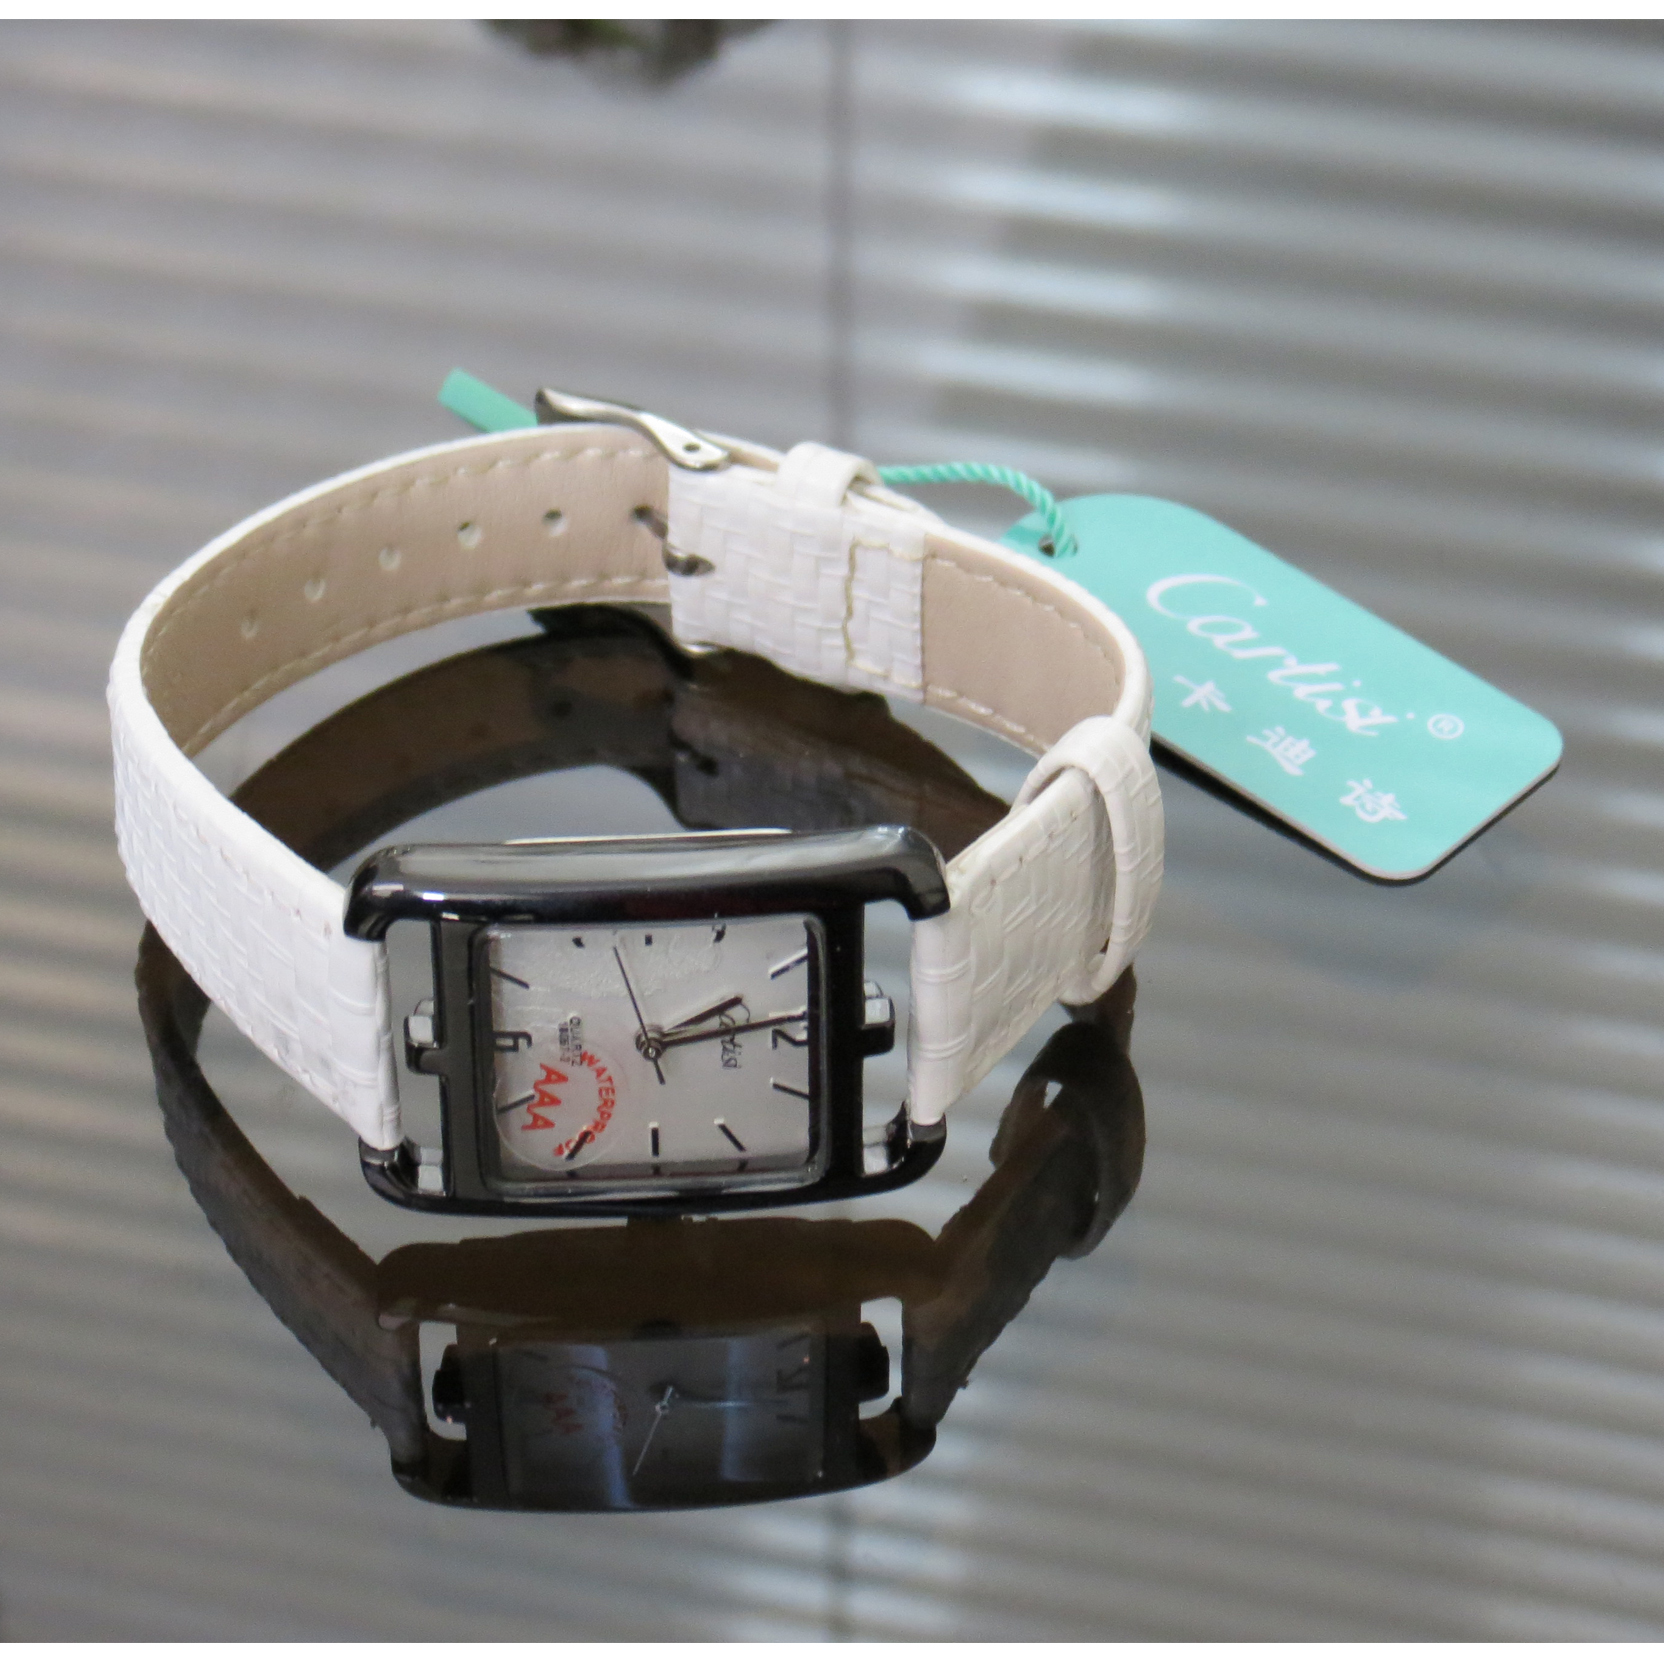 خرید و قیمت                       ساعت مچی  زنانه کارتیسی کد 2-18067